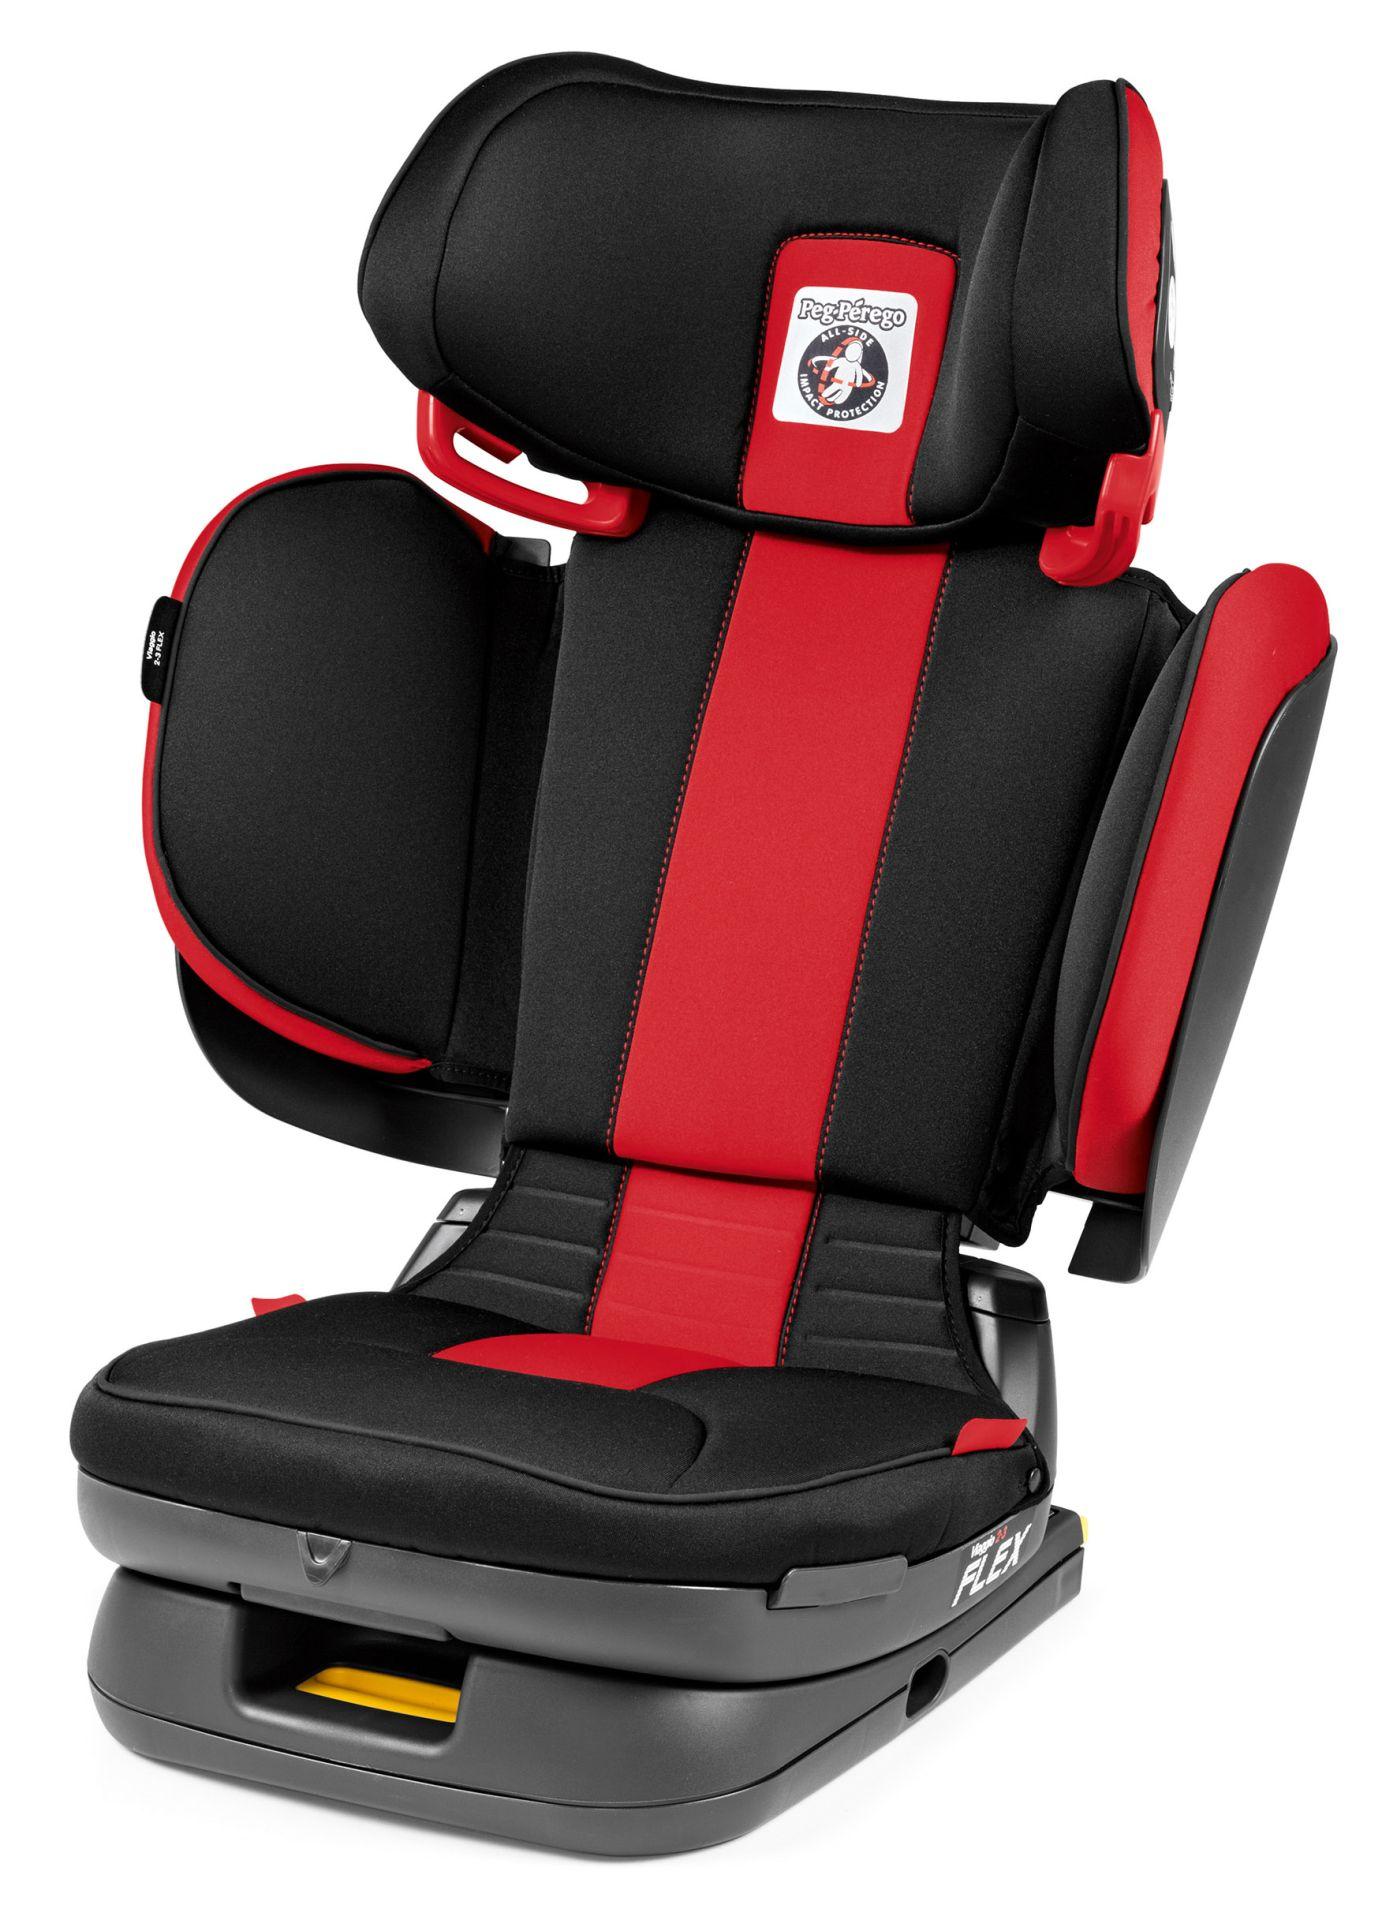 Peg Perego Child Car Seat Viaggio 2 3 Flex Monza 2019